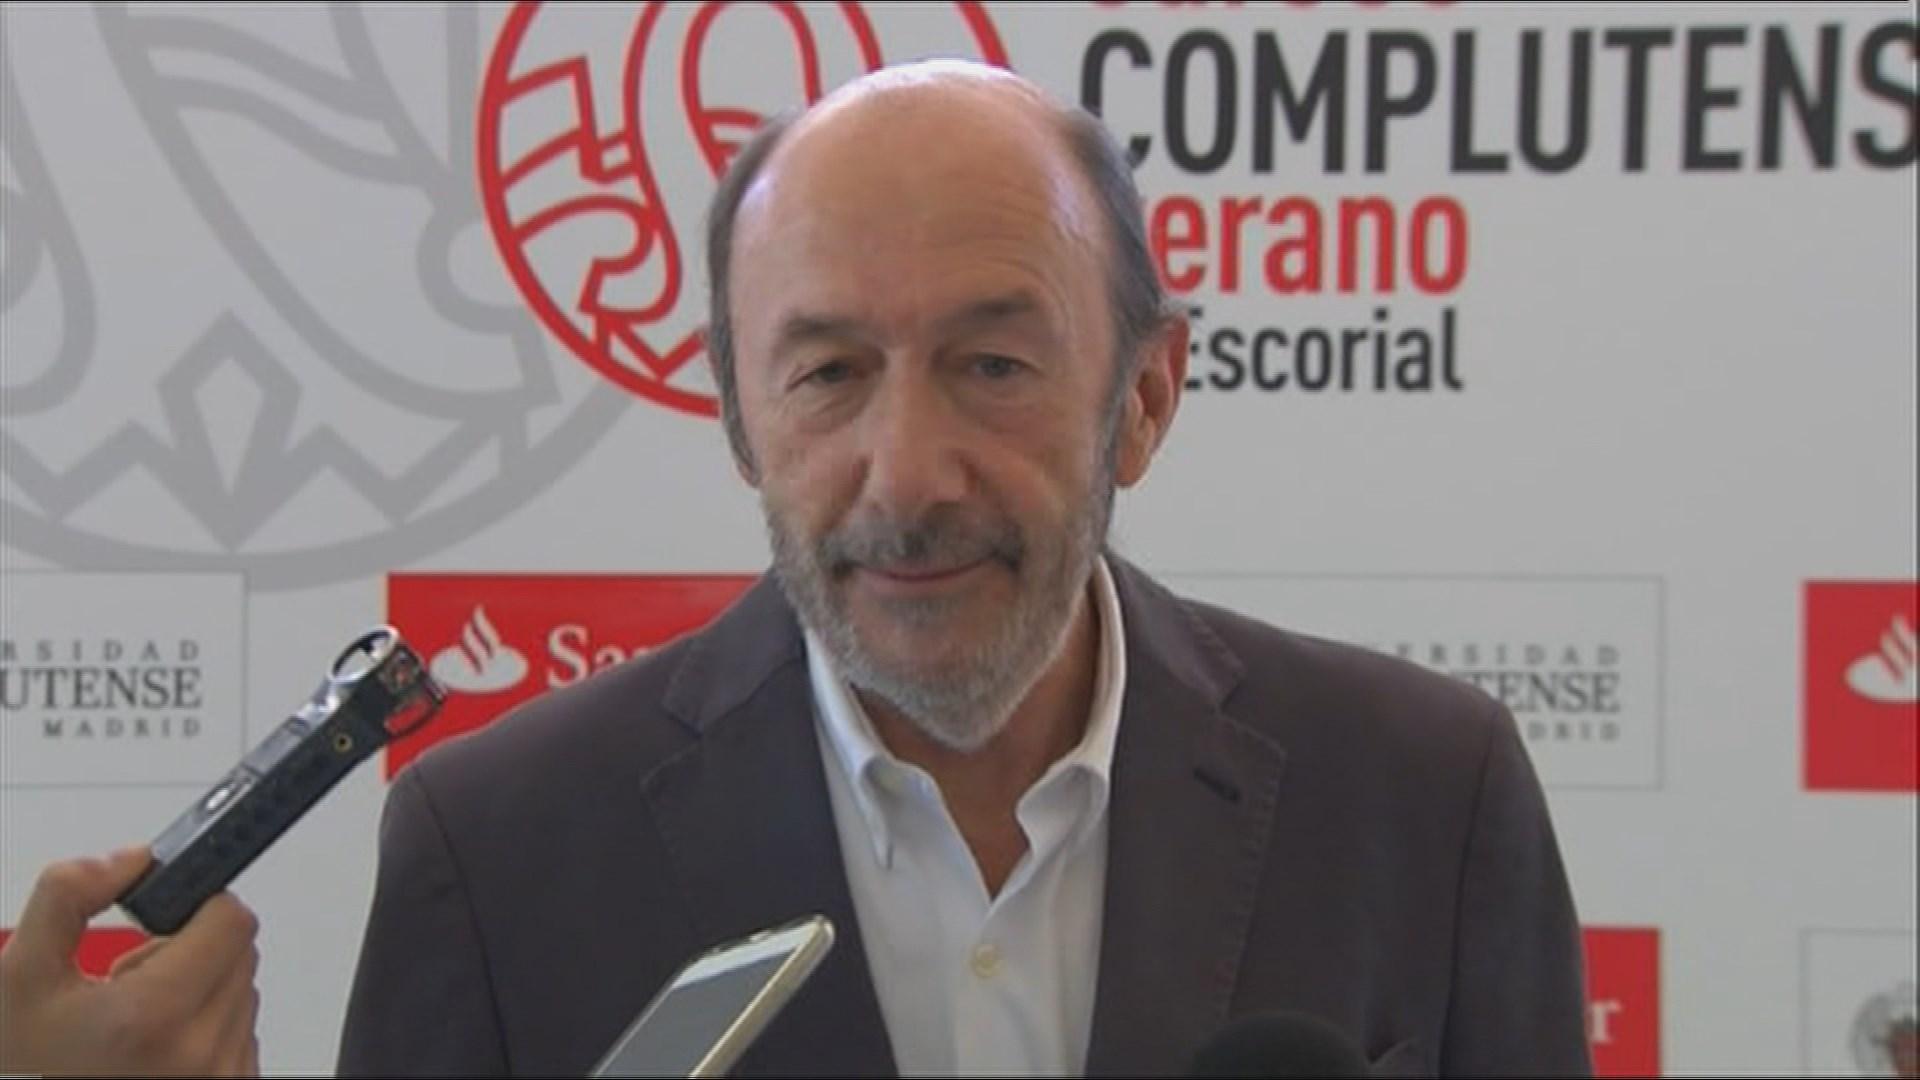 Tristeza Y Preocupación Por Pérez Rubalcaba En La Facultad